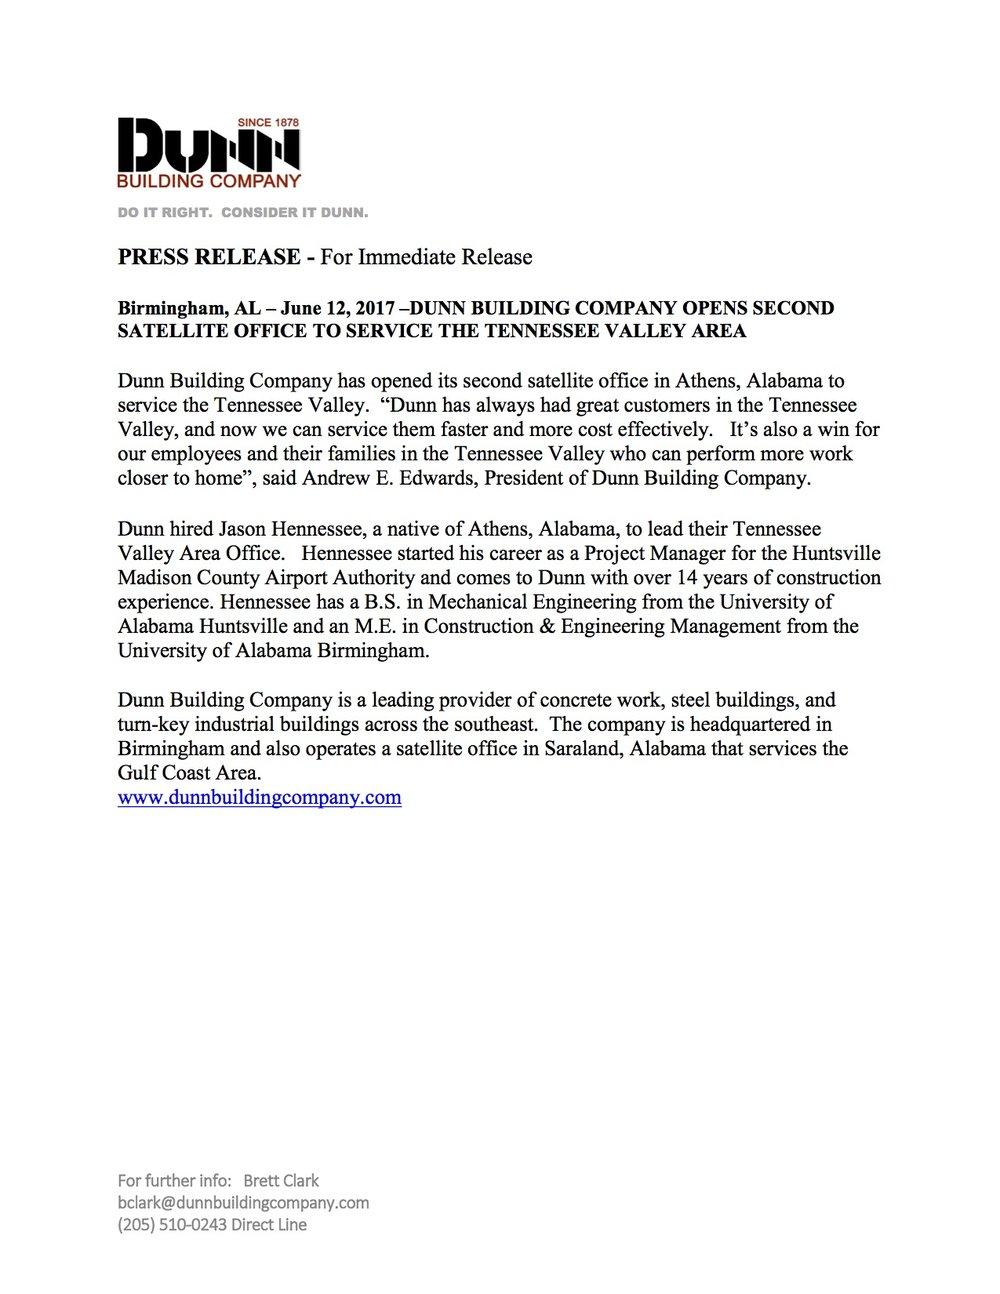 Dunn Press Release.jpg